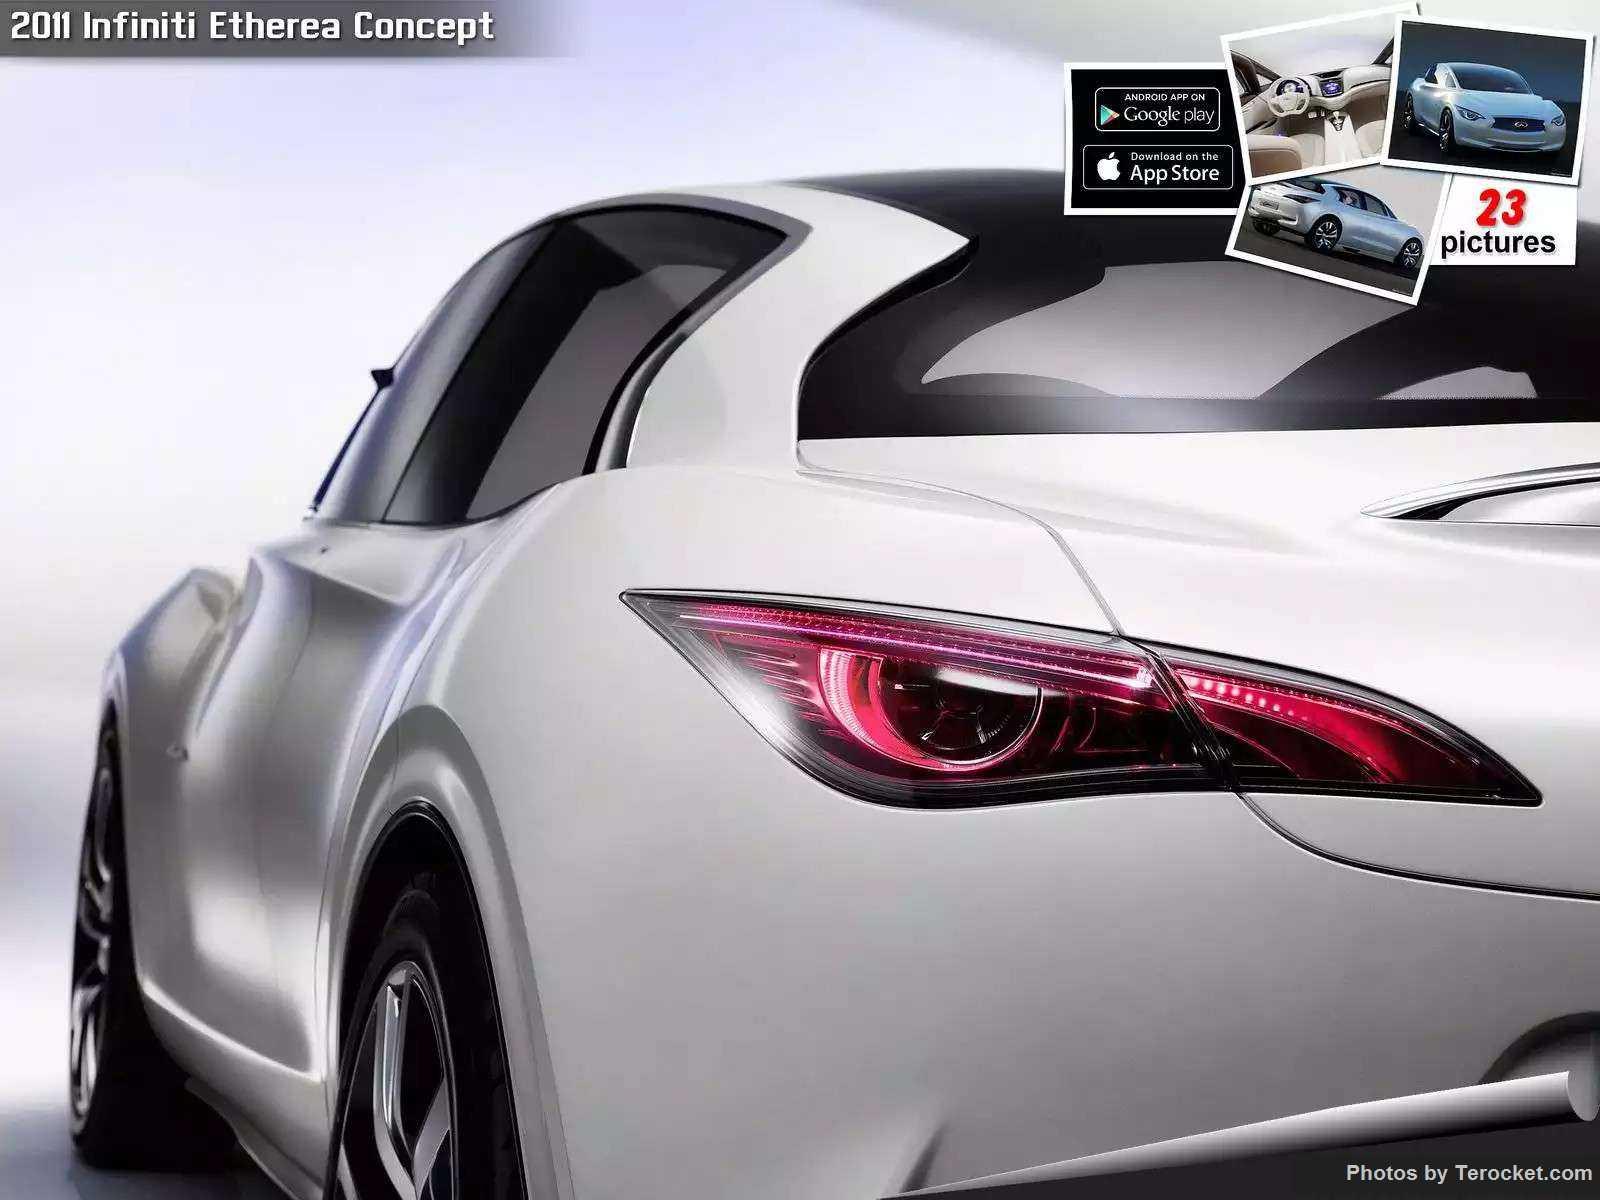 Hình ảnh xe ô tô Infiniti Etherea Concept 2011 & nội ngoại thất